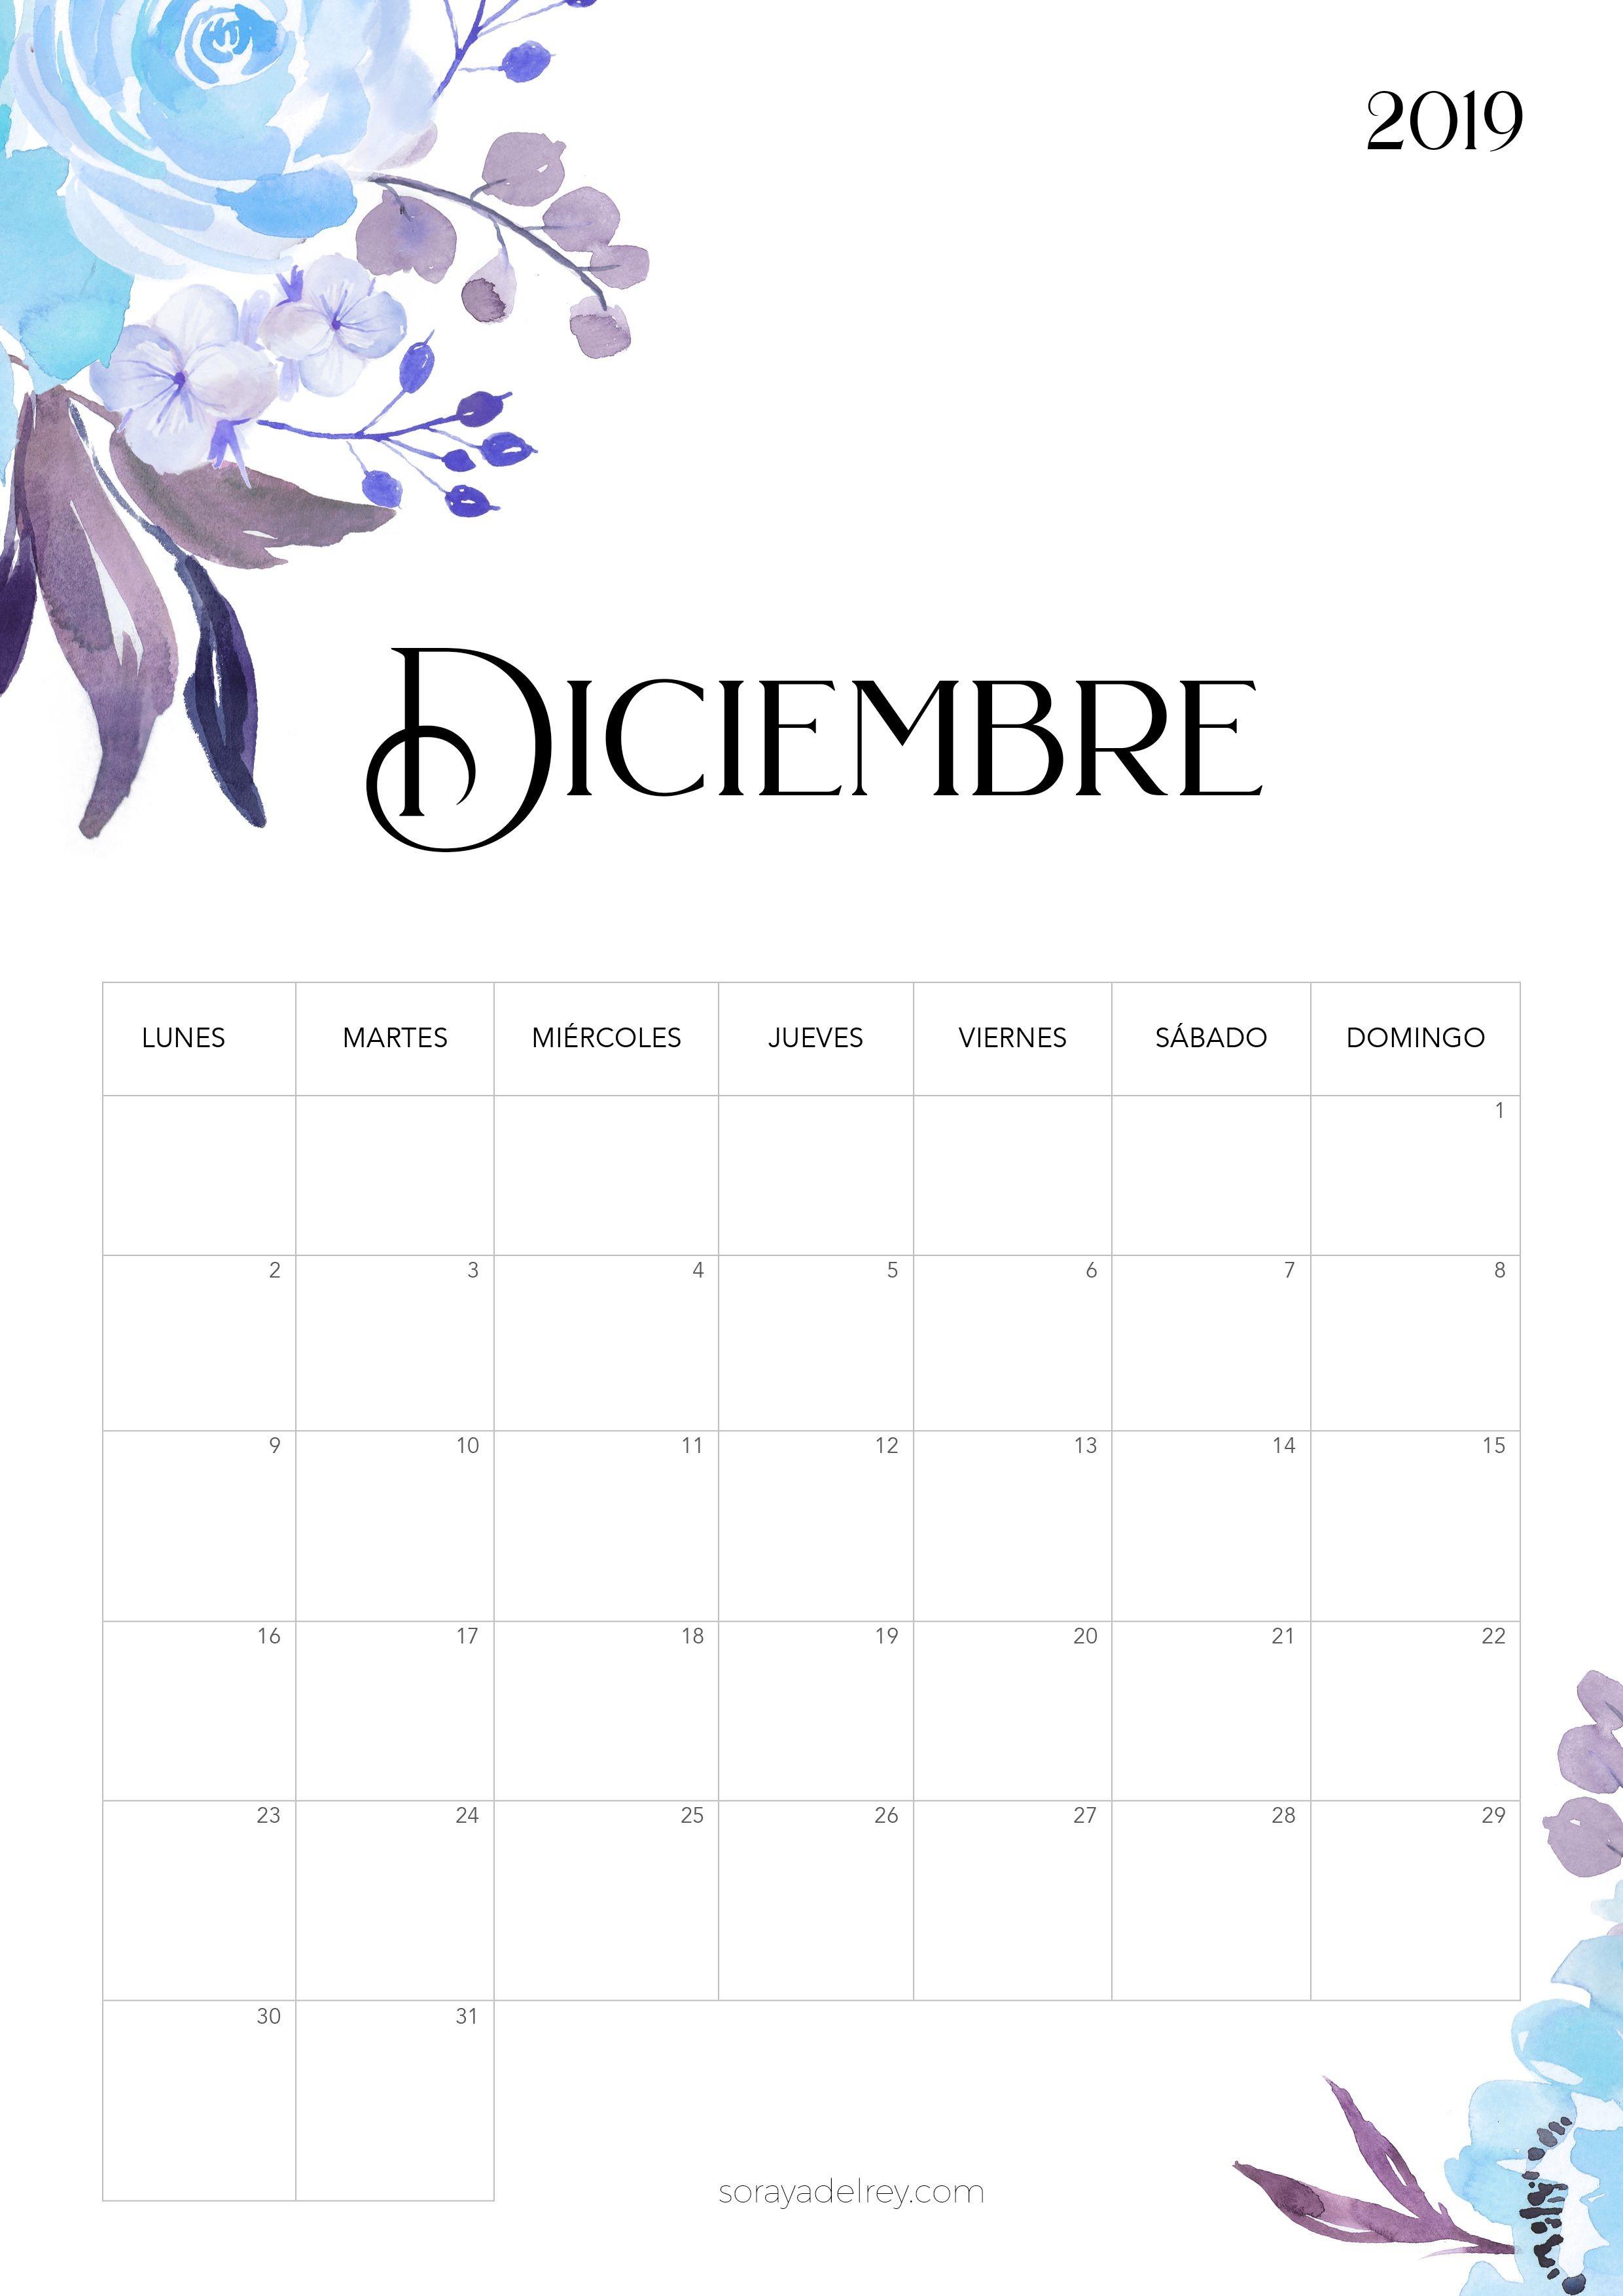 Imprimir Calendario De Agosto Mejores Y Más Novedosos soraya Del Rey sorayadelreyestudio Su Pinterest Of Imprimir Calendario De Agosto Recientes Calendario Agosto 2018 Calendario 2017 Pinterest